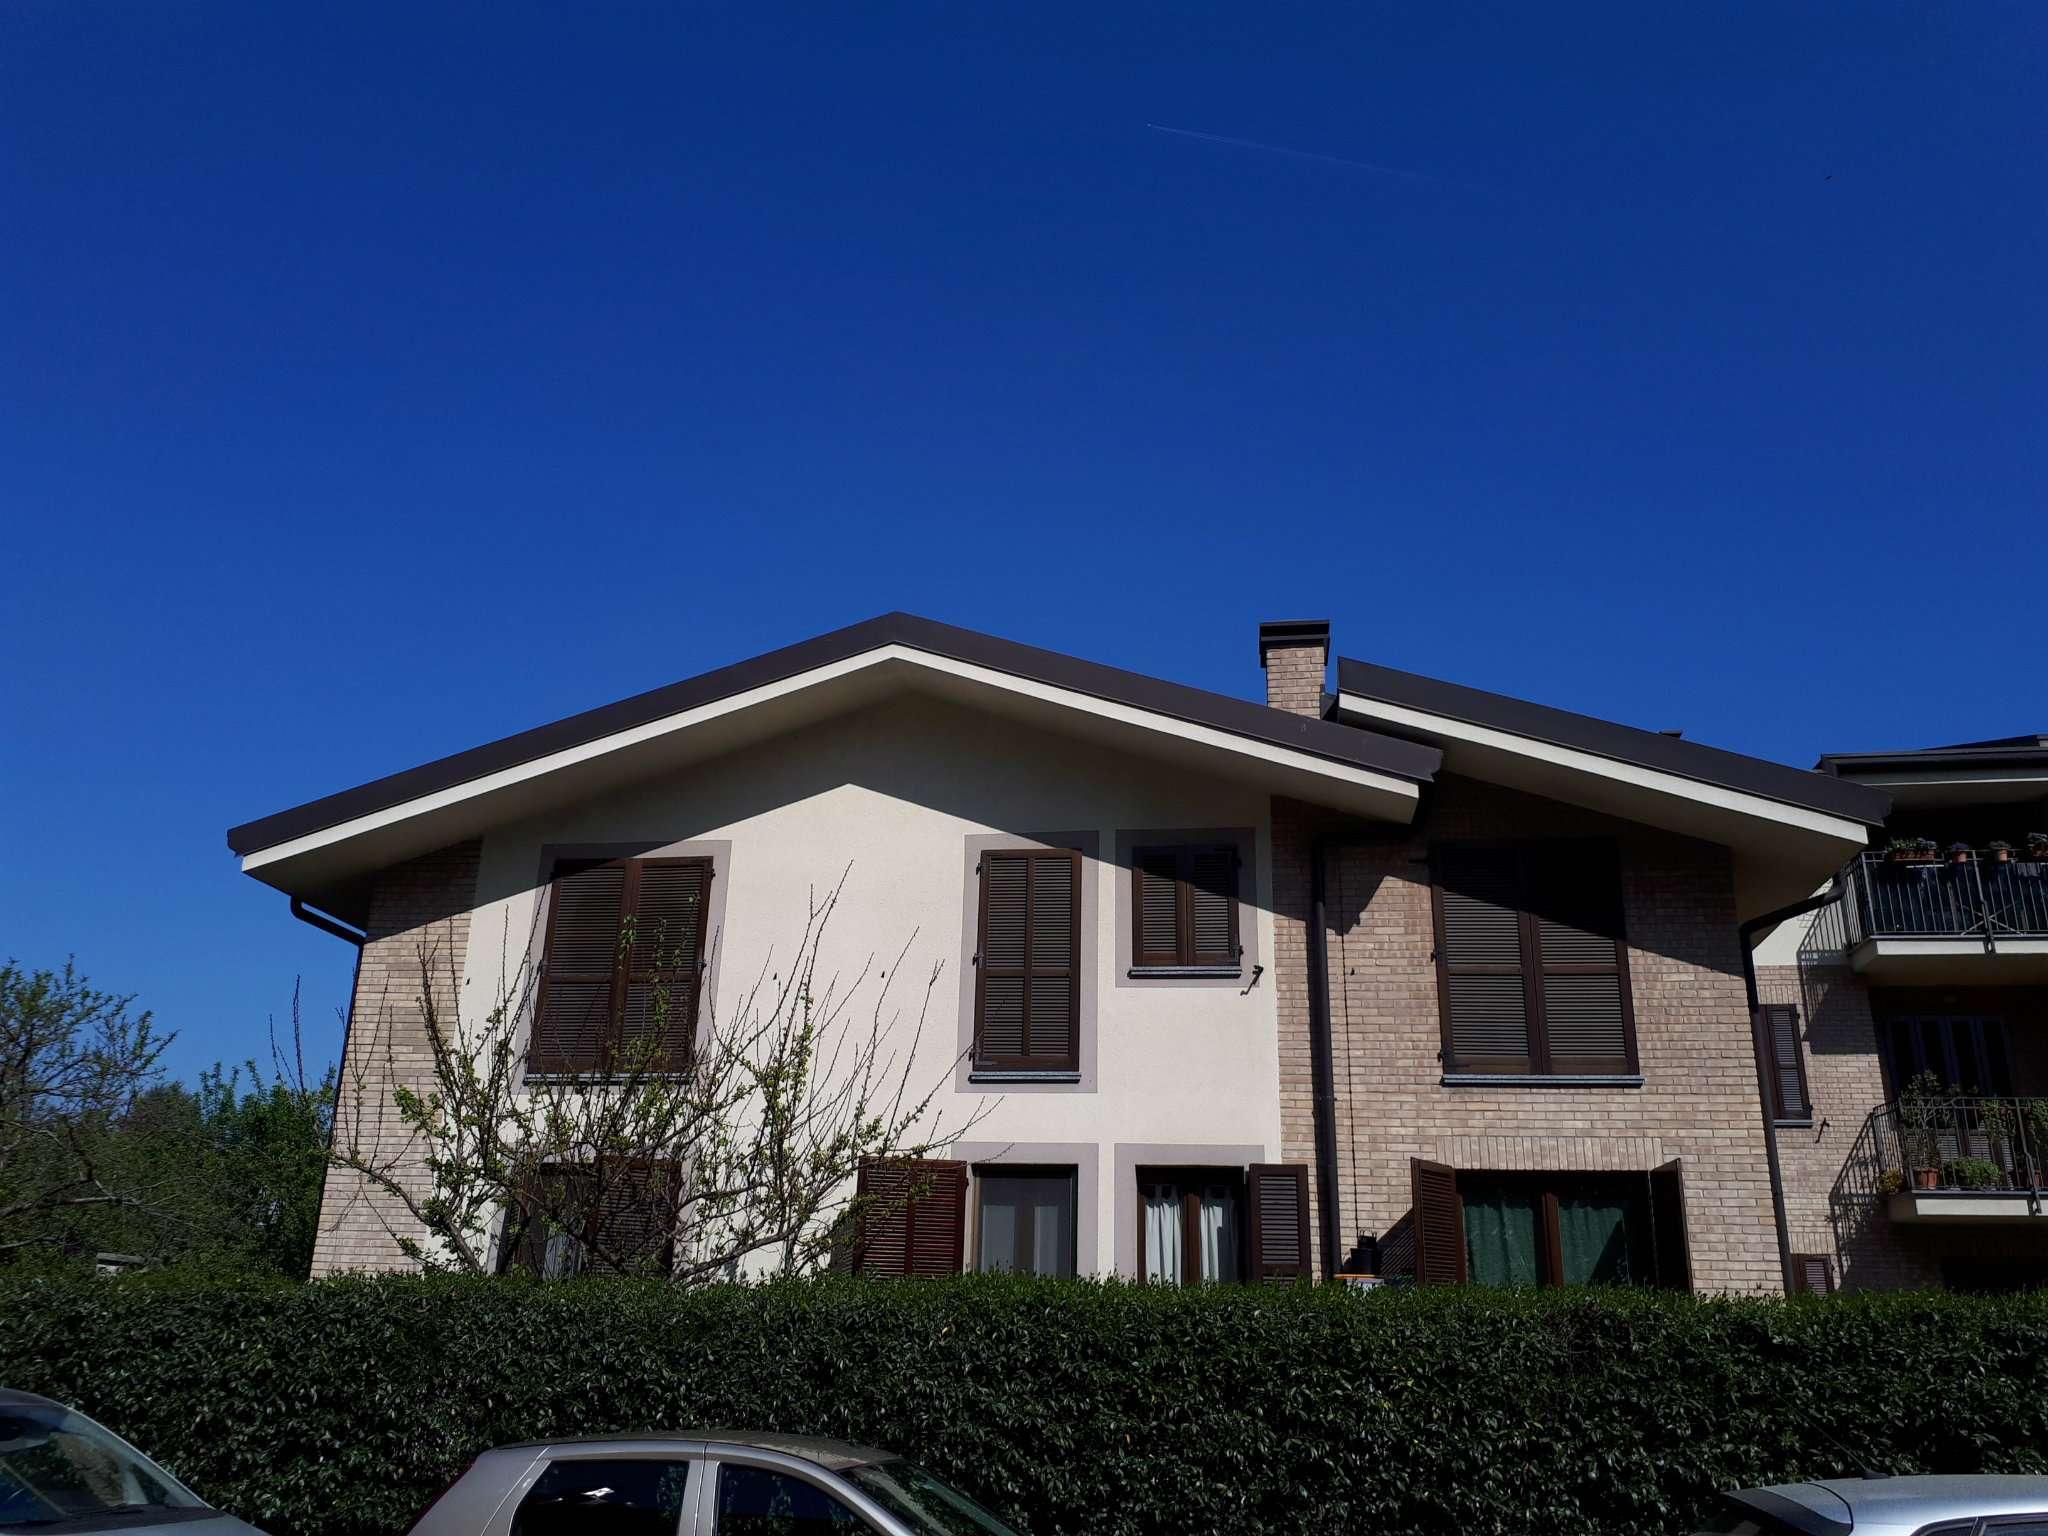 Appartamento in vendita a Caronno Pertusella, 3 locali, prezzo € 139.000 | PortaleAgenzieImmobiliari.it